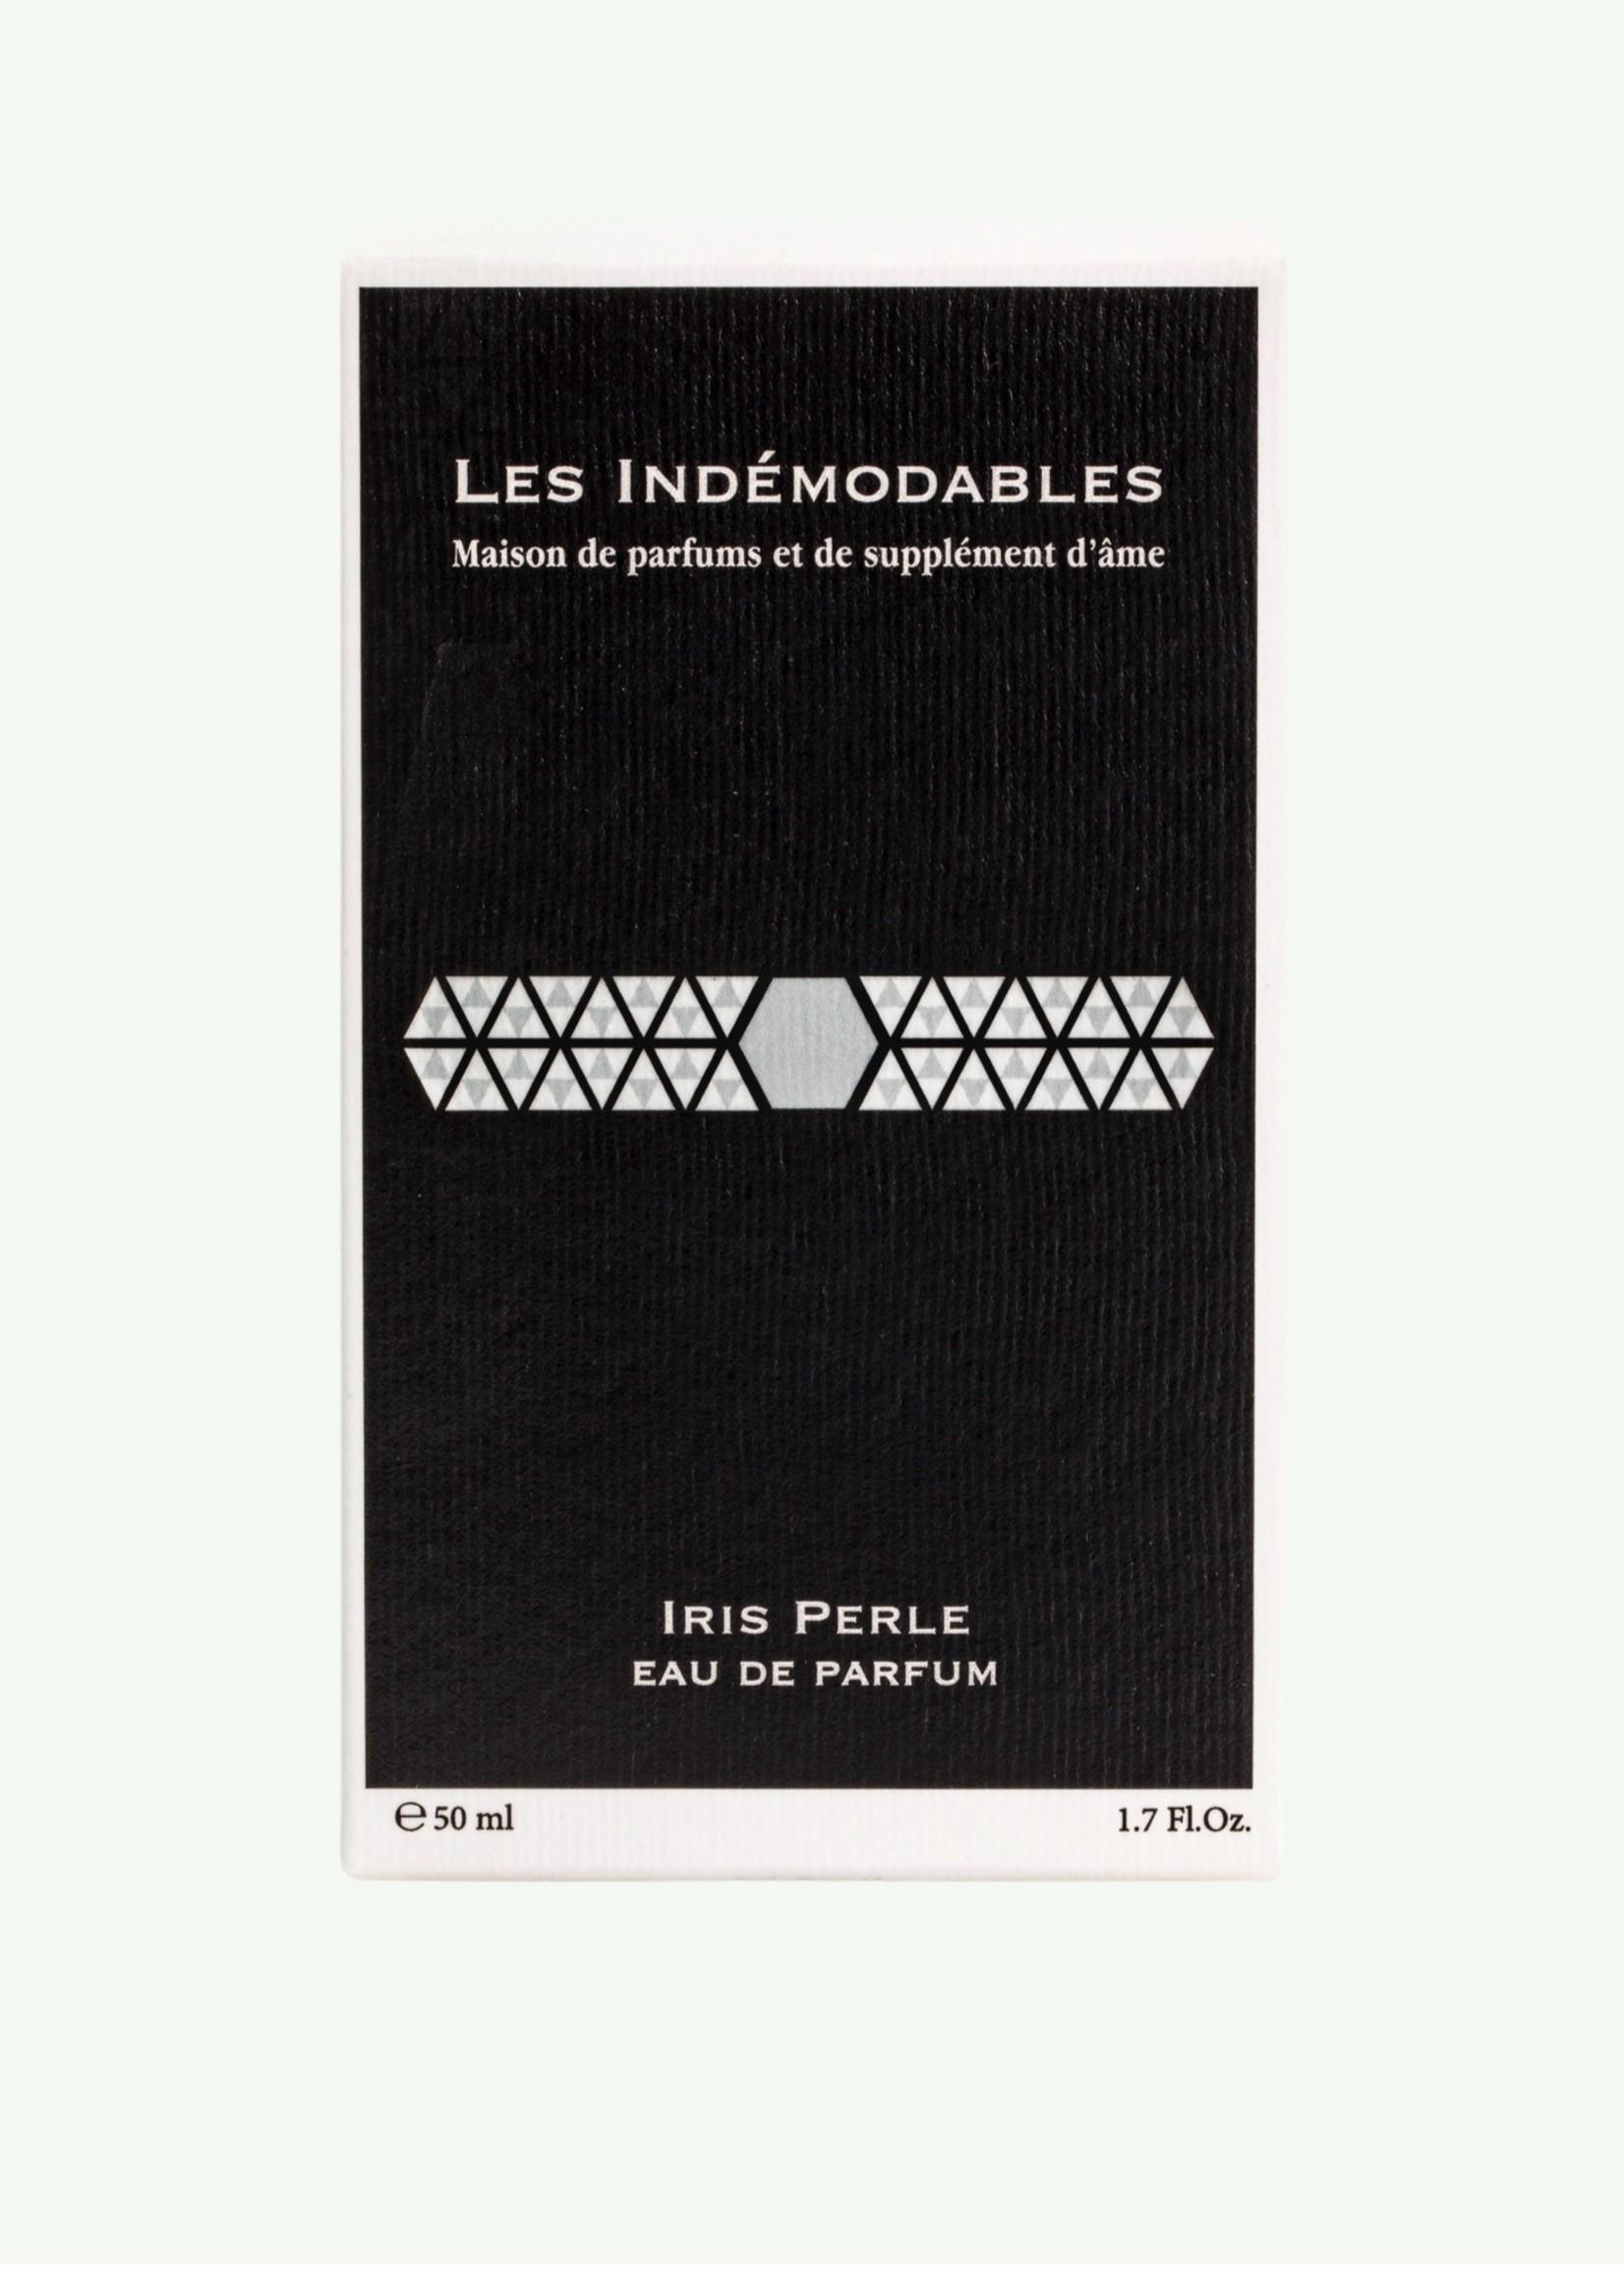 Les Indémodables Les Indémodables - Iris Perle - Eau de Parfum